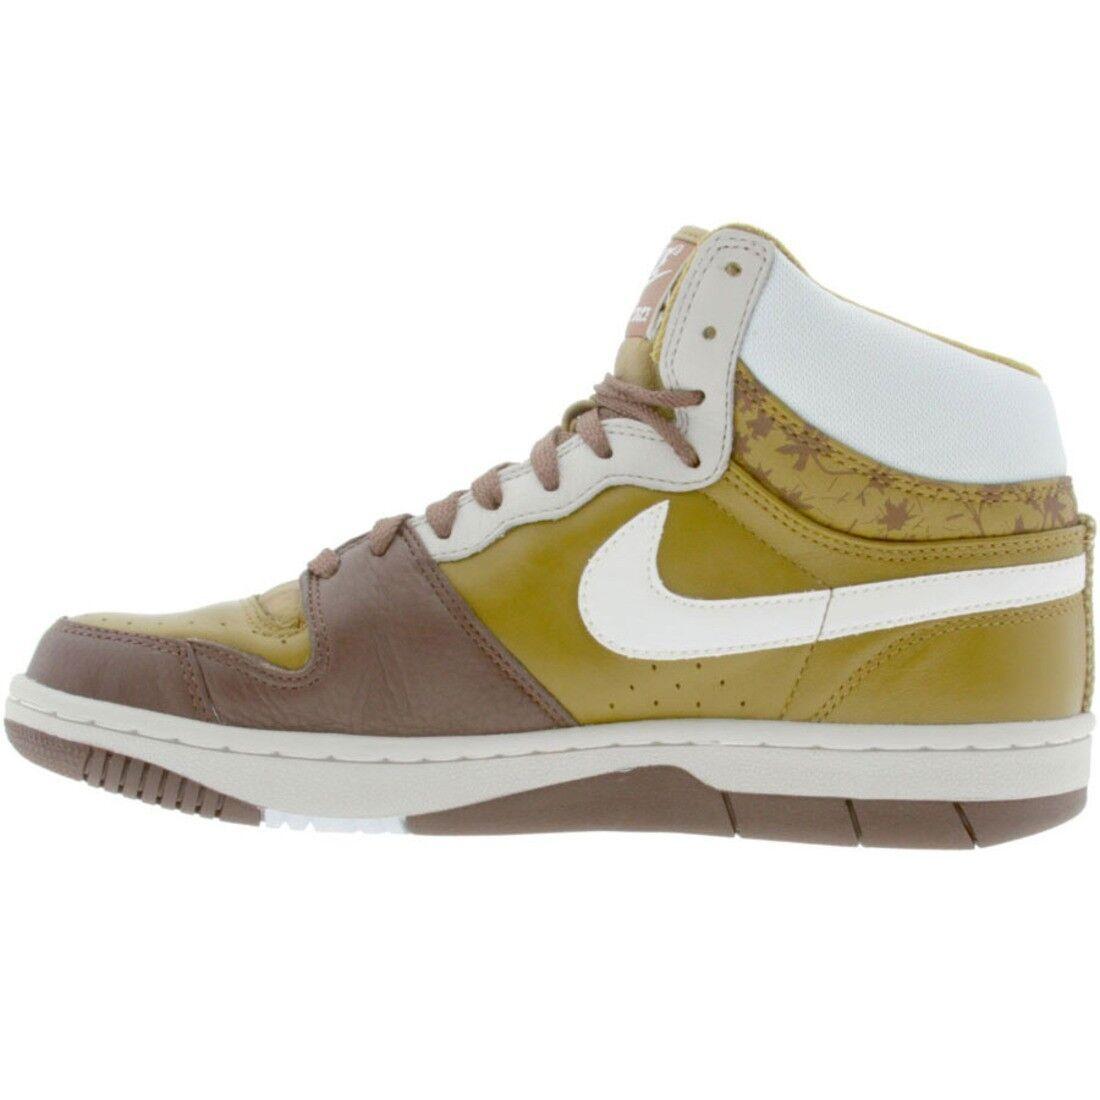 313941-311 Nike Court Force High Premium Spanish Moss blanc Granite